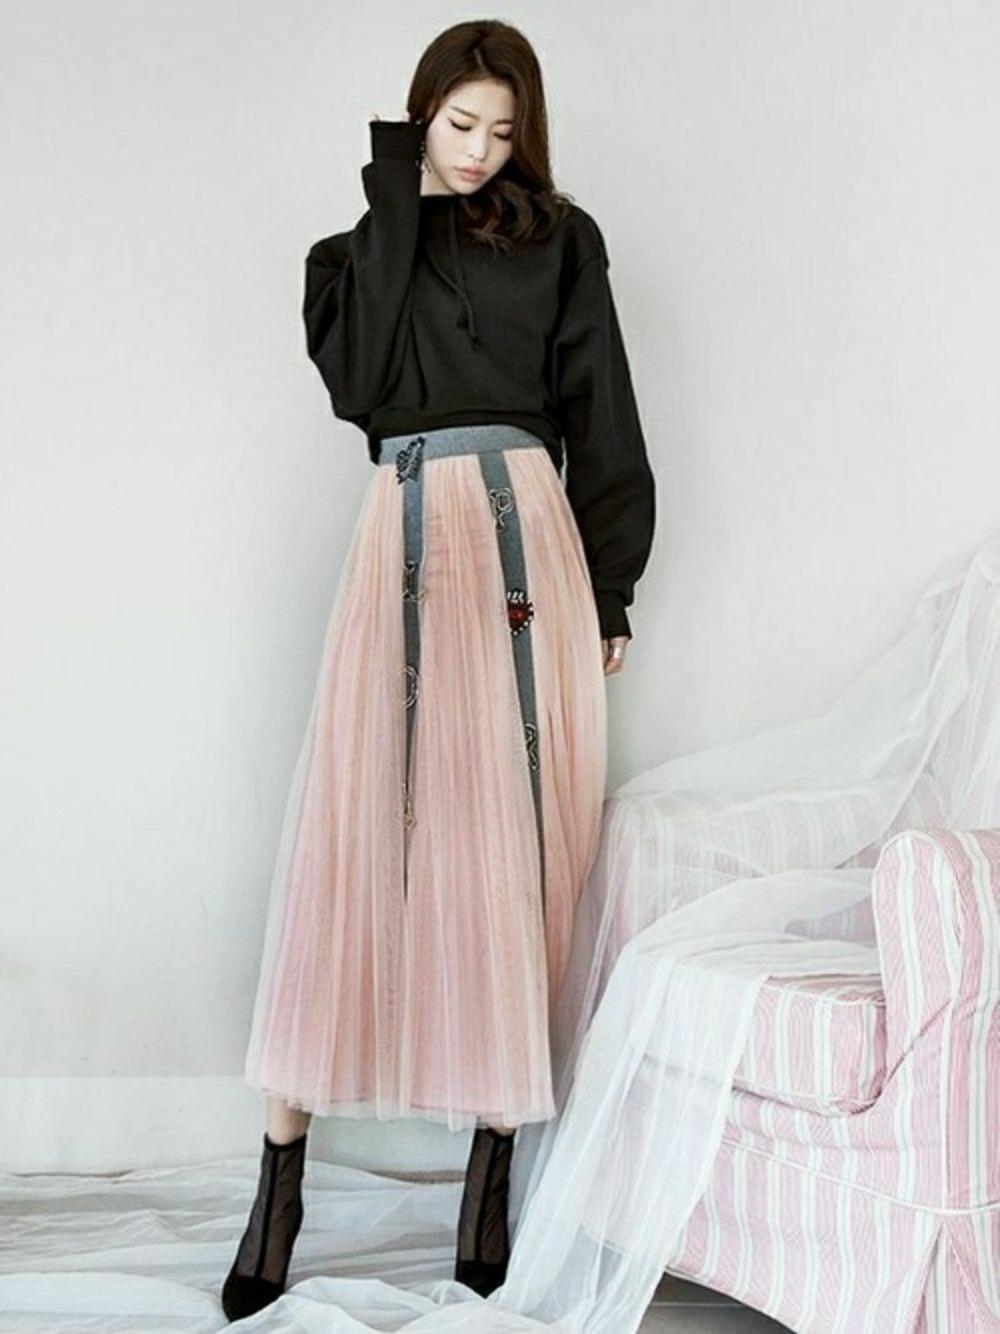 黒プルオーバーパーカー×チュールスカート